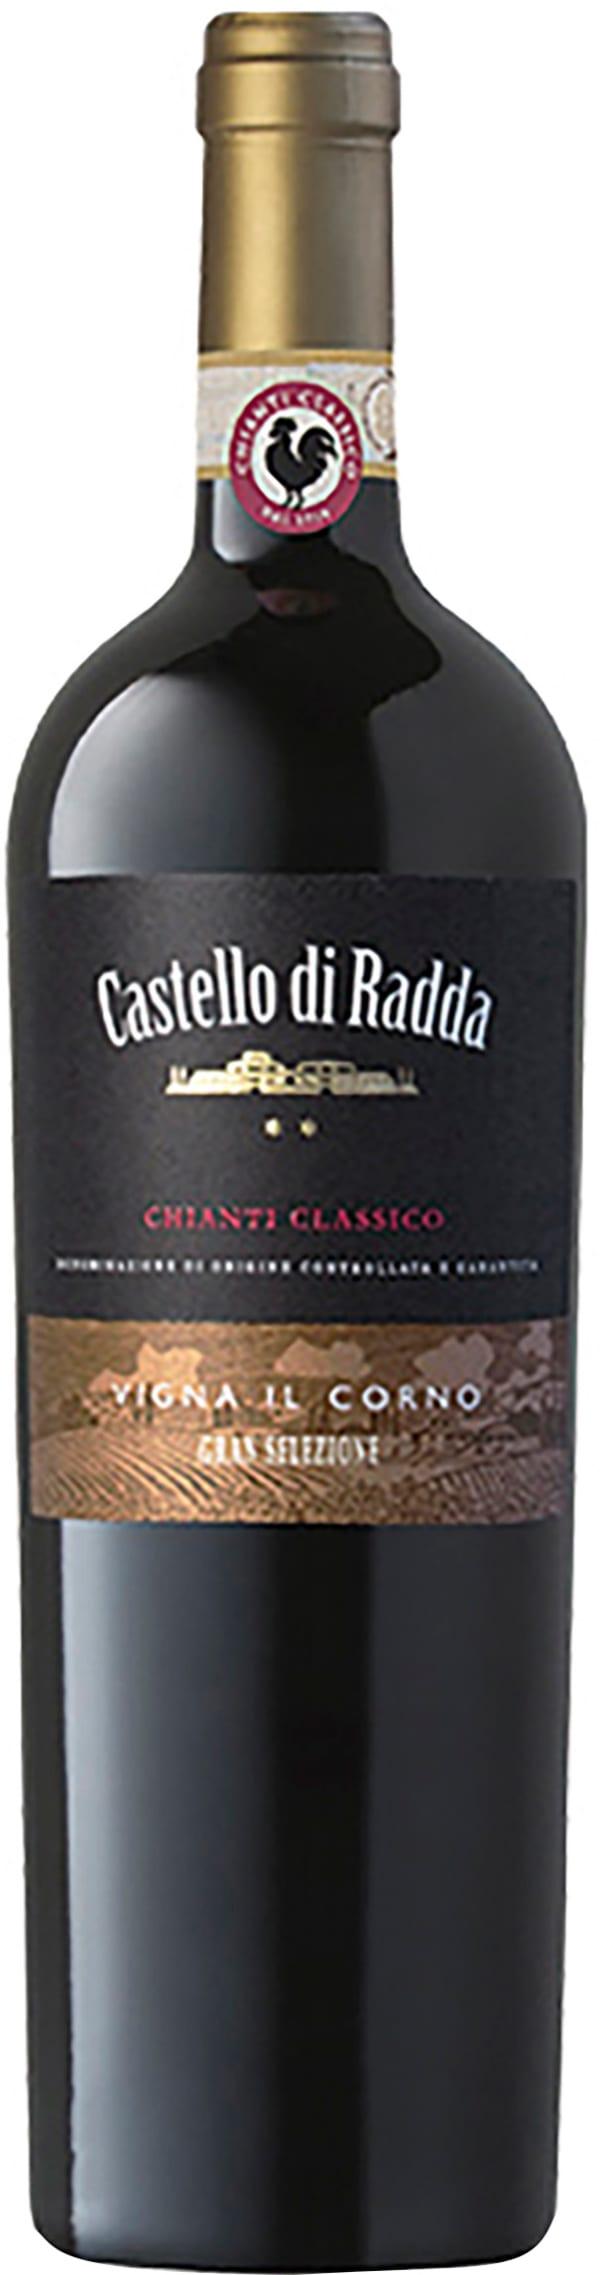 Castello di Radda Chianti Classico Gran Selezione Vigna Il Corno 2015